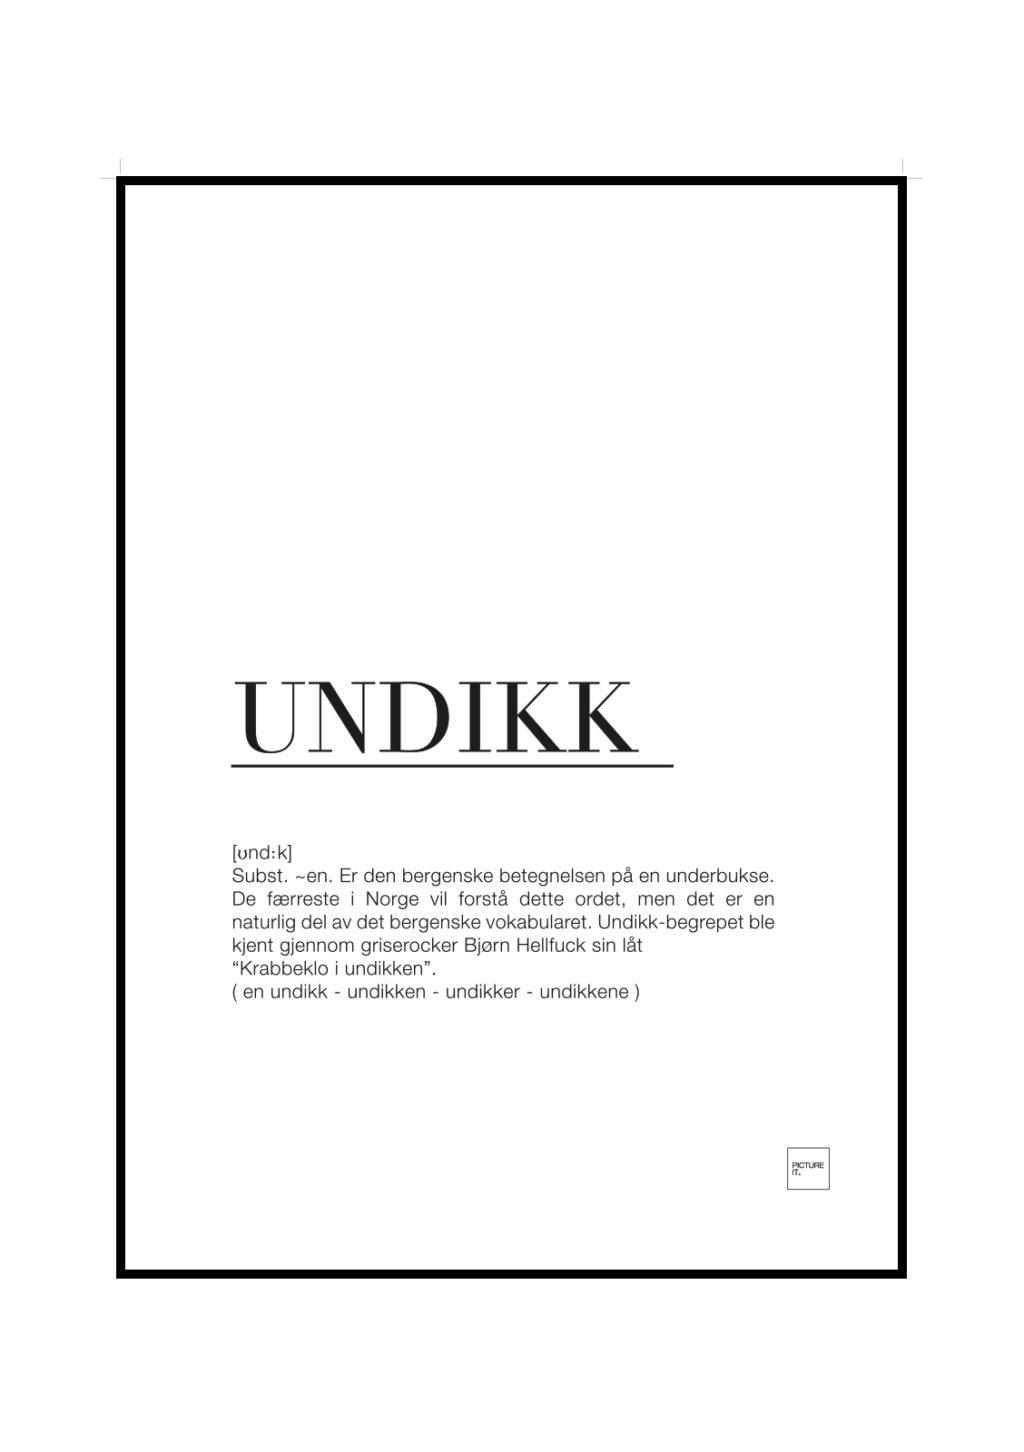 Undikk